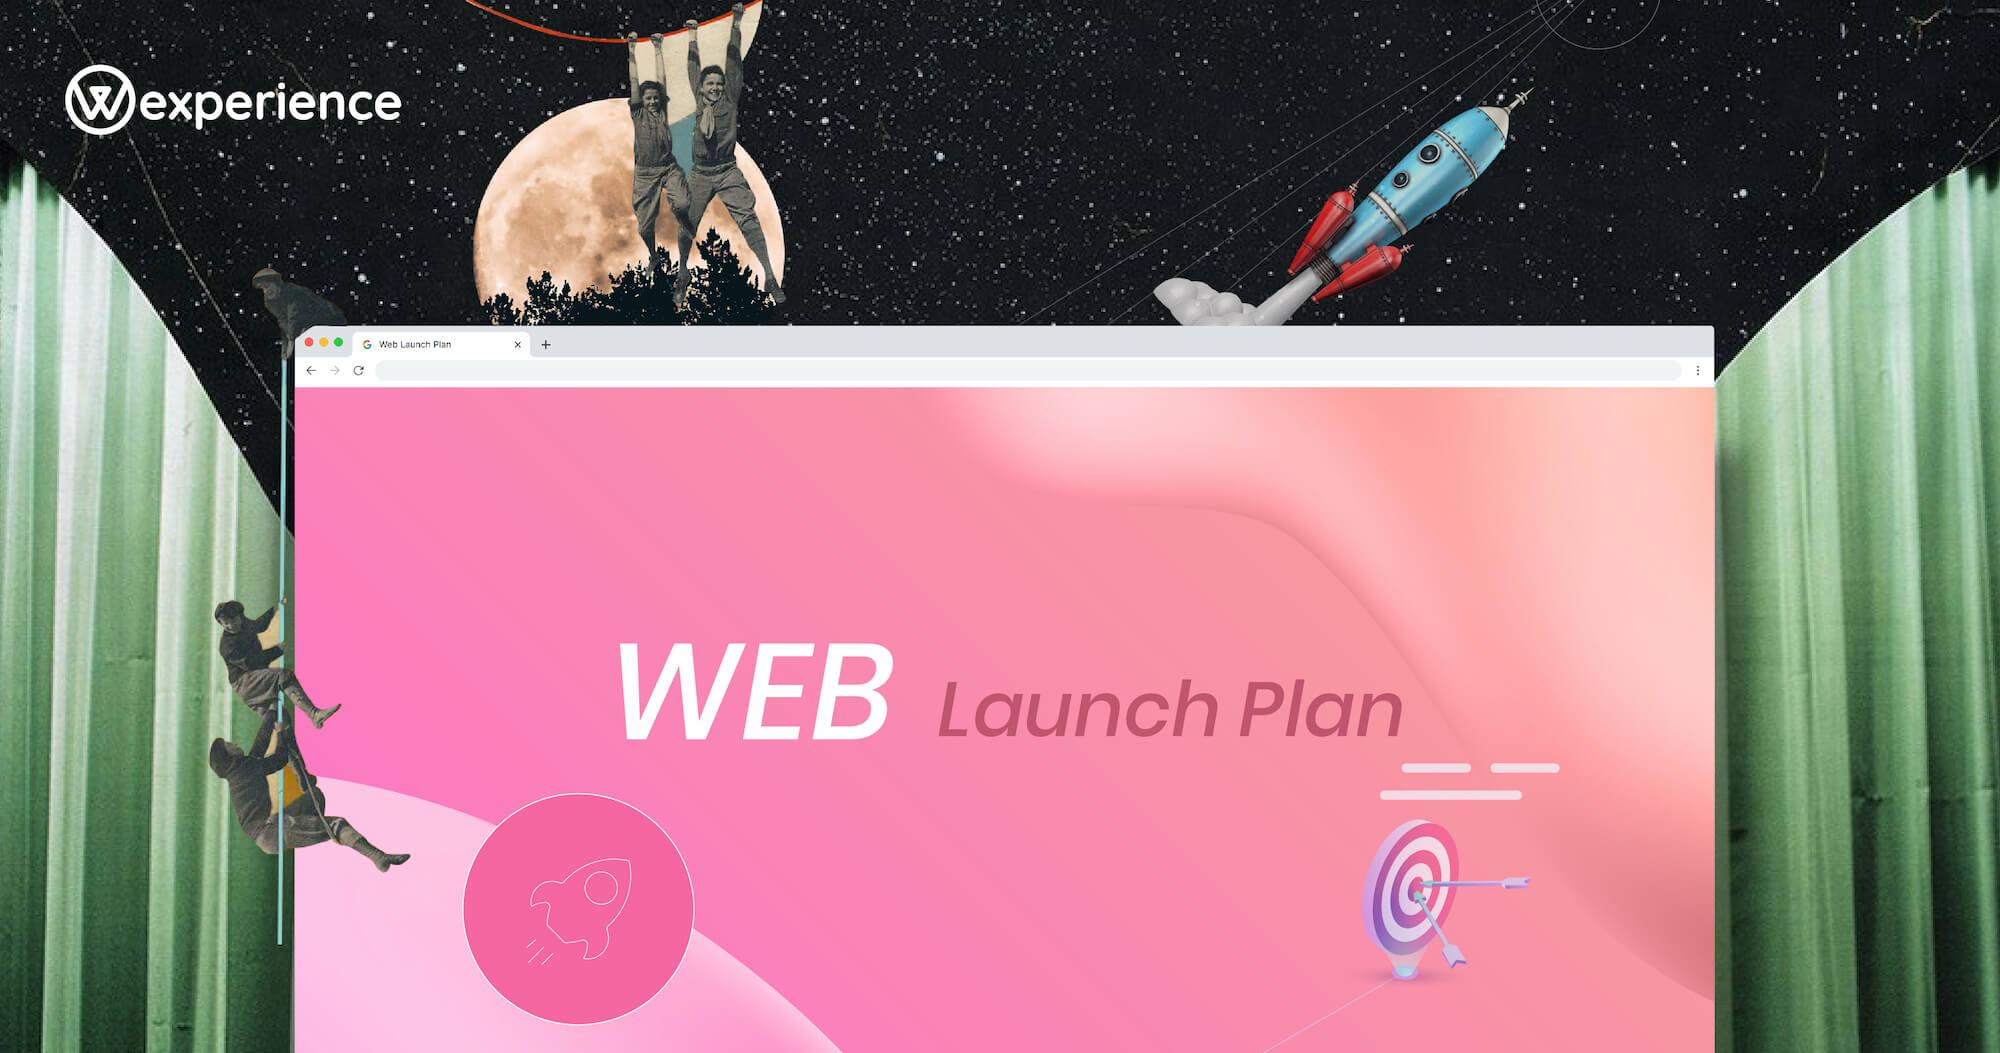 Web Launch Plan